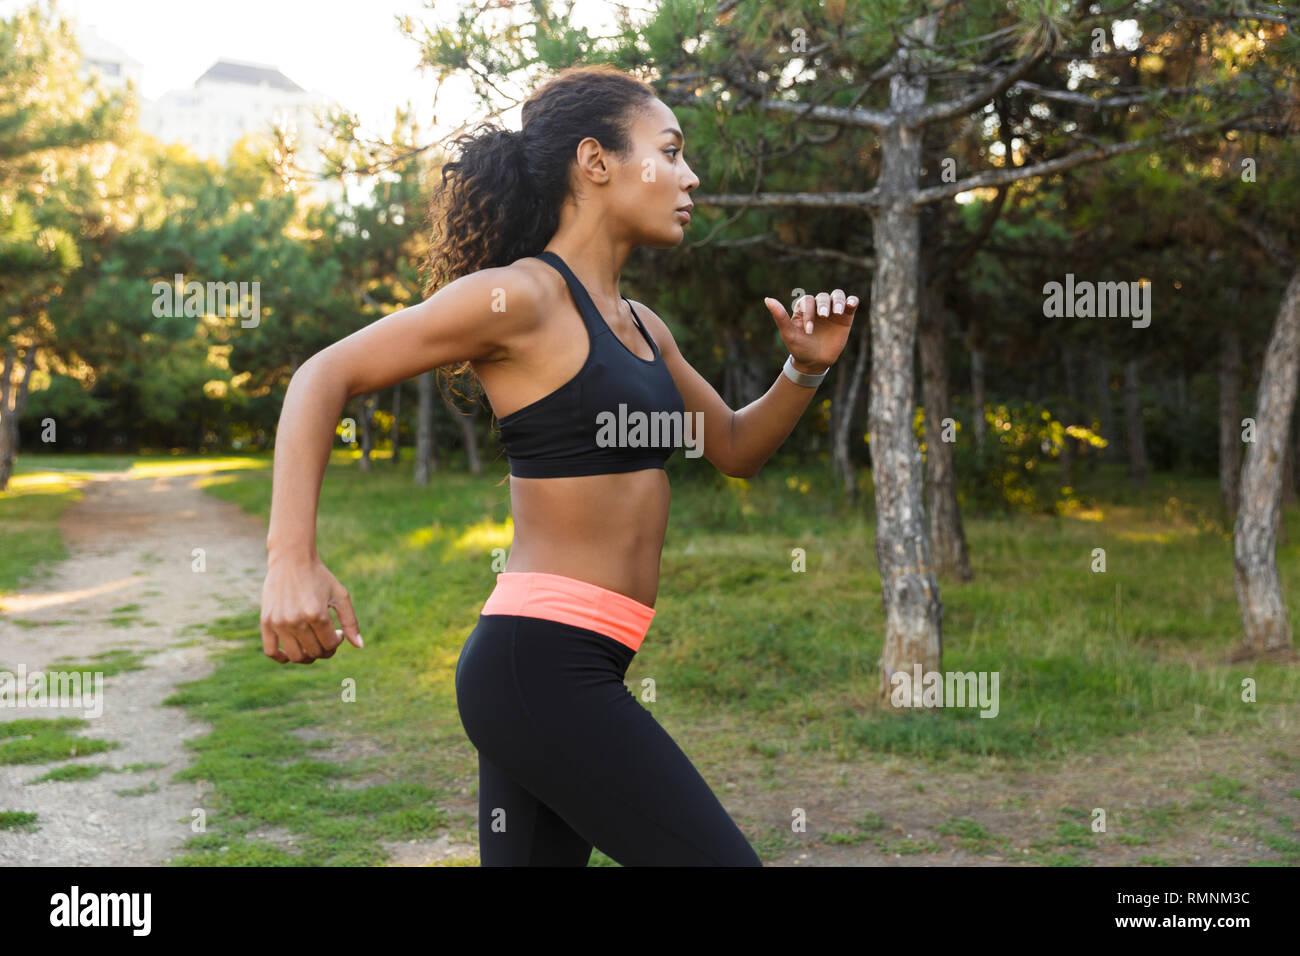 Ben costruita americano africano donna 20s indossare tuta nera in esecuzione attraverso il parco verde Immagini Stock